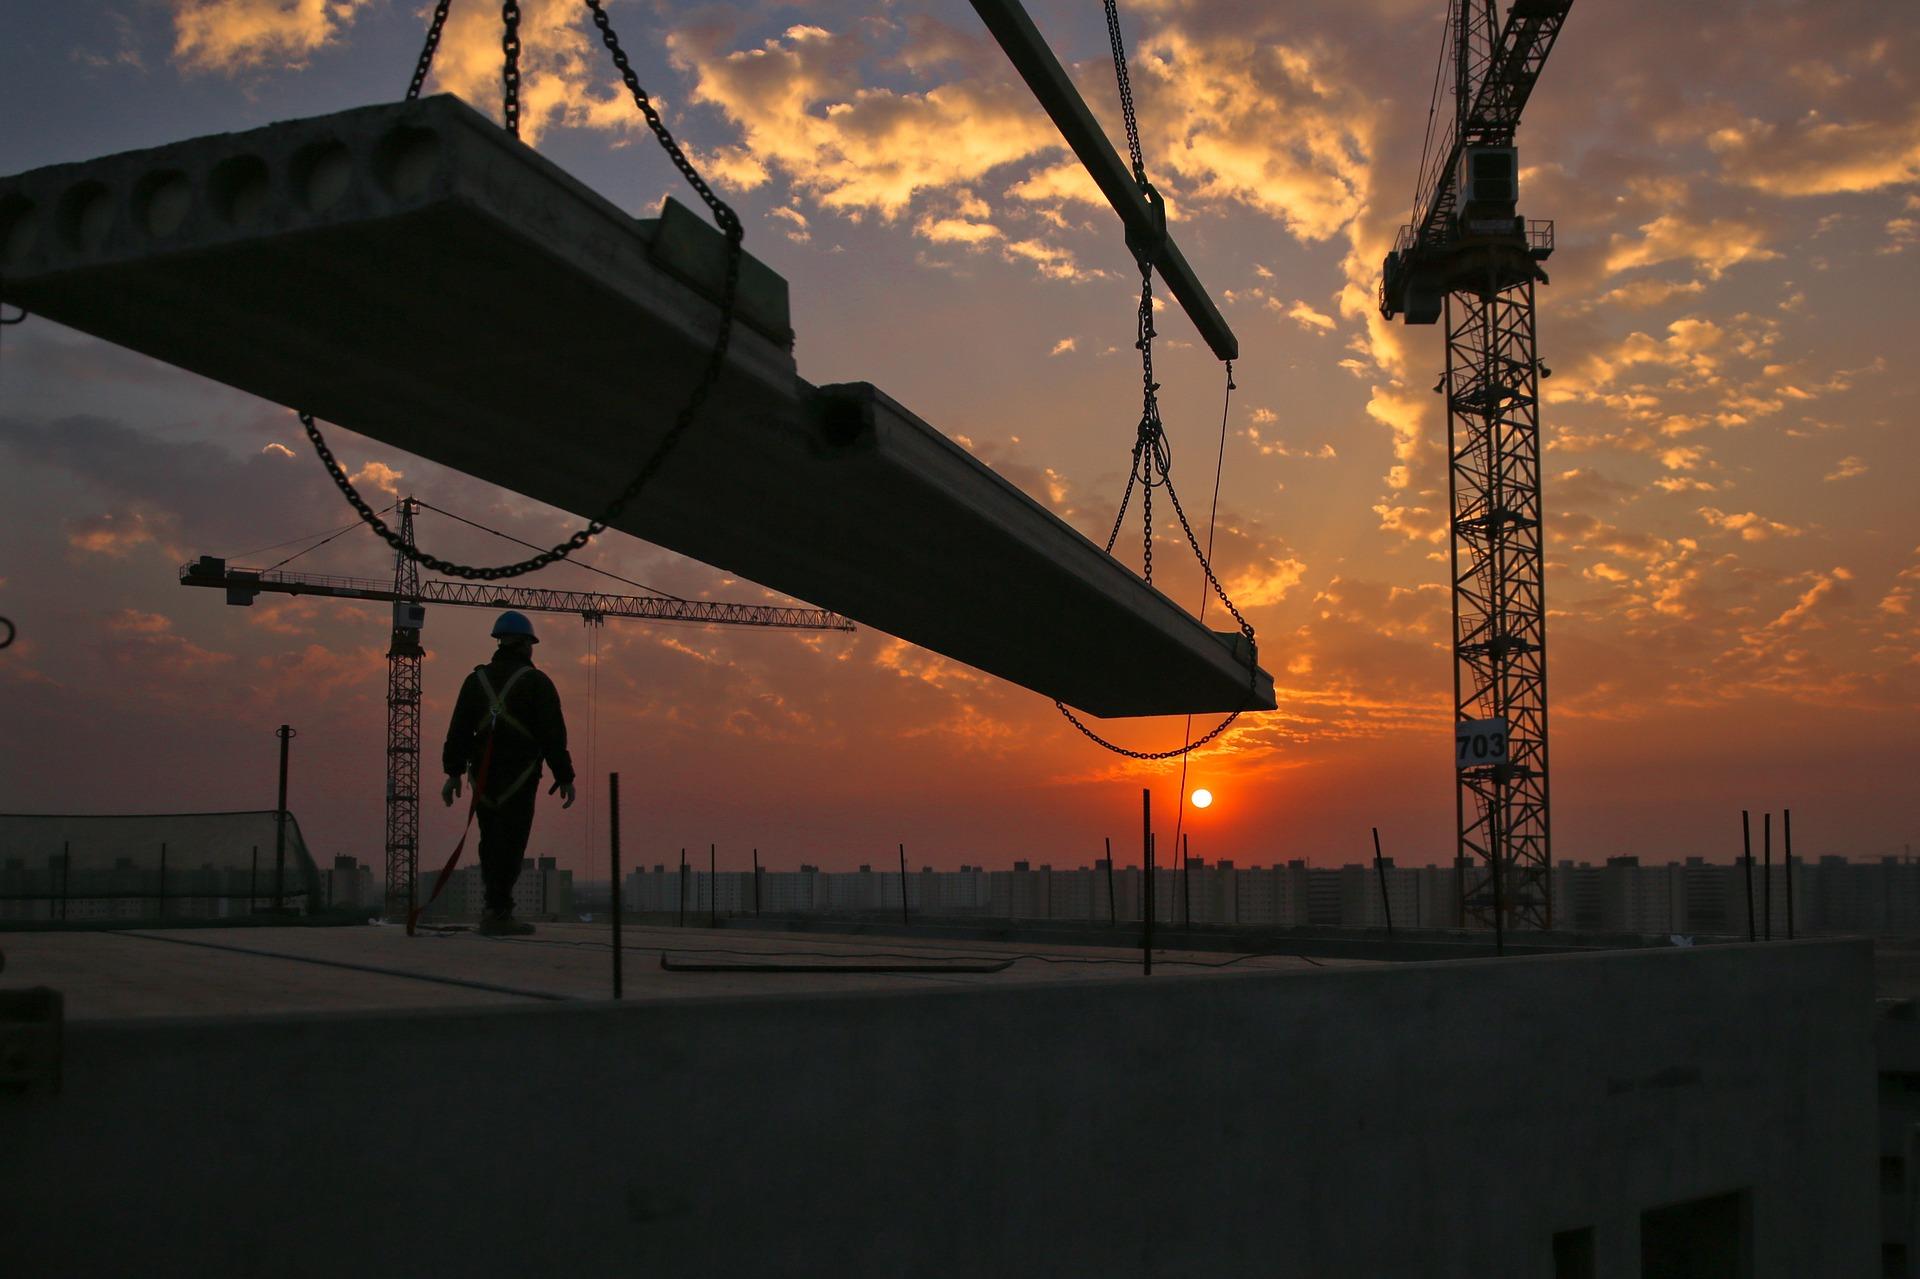 2級建築施工管理技士を取得する3つのメリット【稼げます】